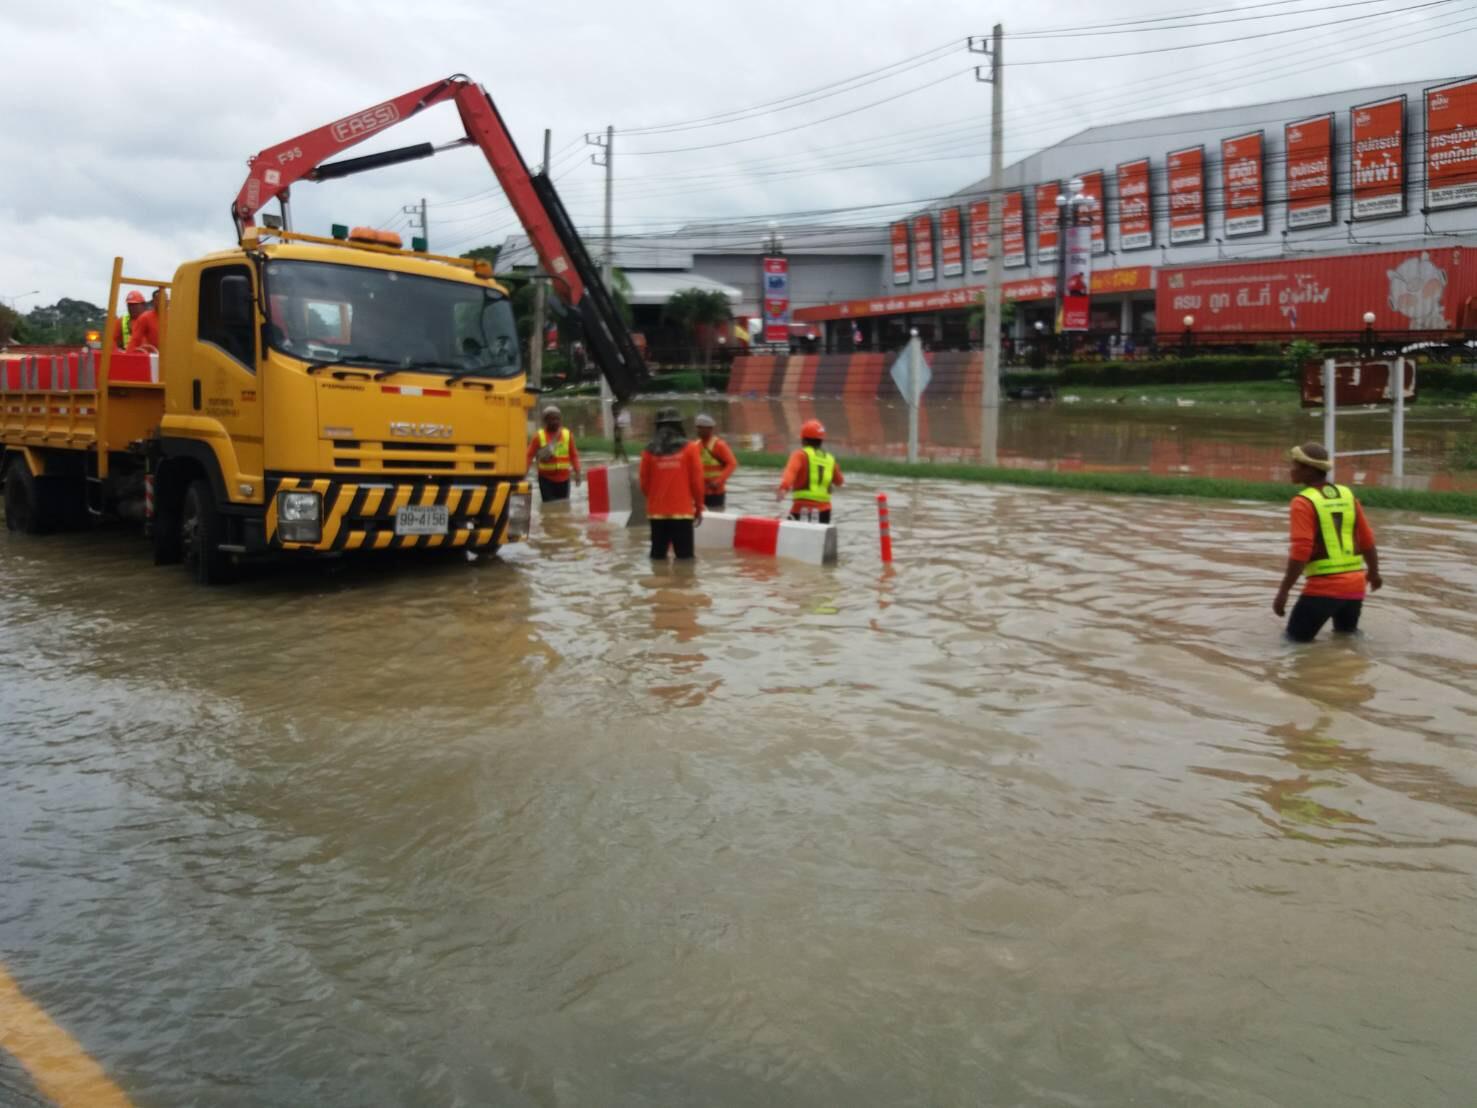 น้ำเริ่มลด! กรมทางหลวงอัพเดตน้ำท่วมถนนผ่านไม่ได้ 12 แห่ง แนะทางเลี่ยงอุบล-ยโสธร